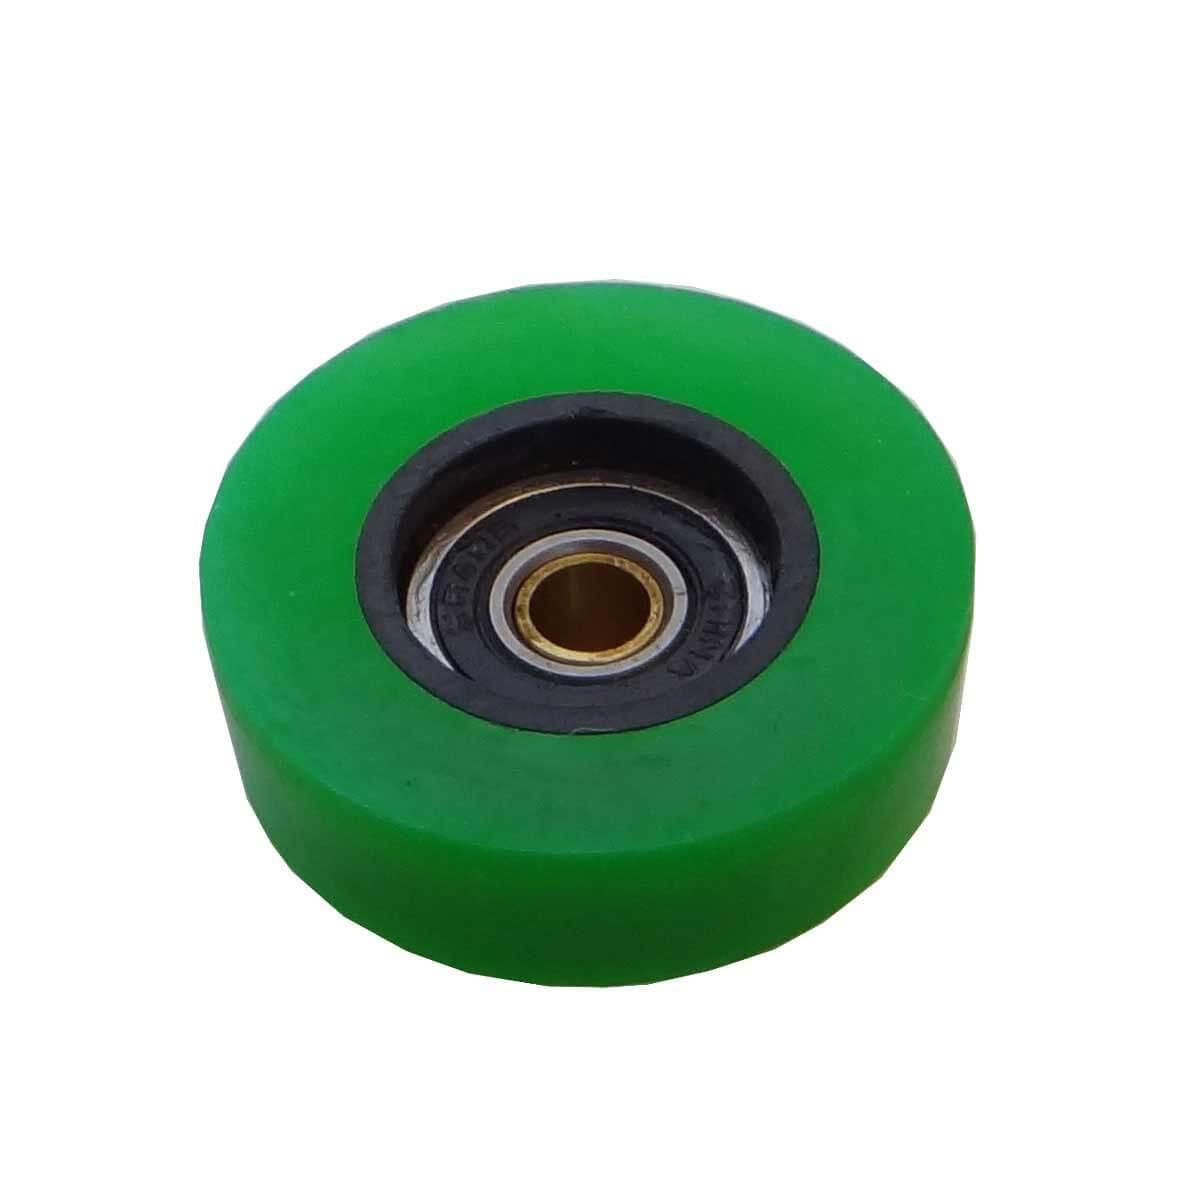 Green Cone Grommet for Gemini Revolution Wet Tile Saw 2